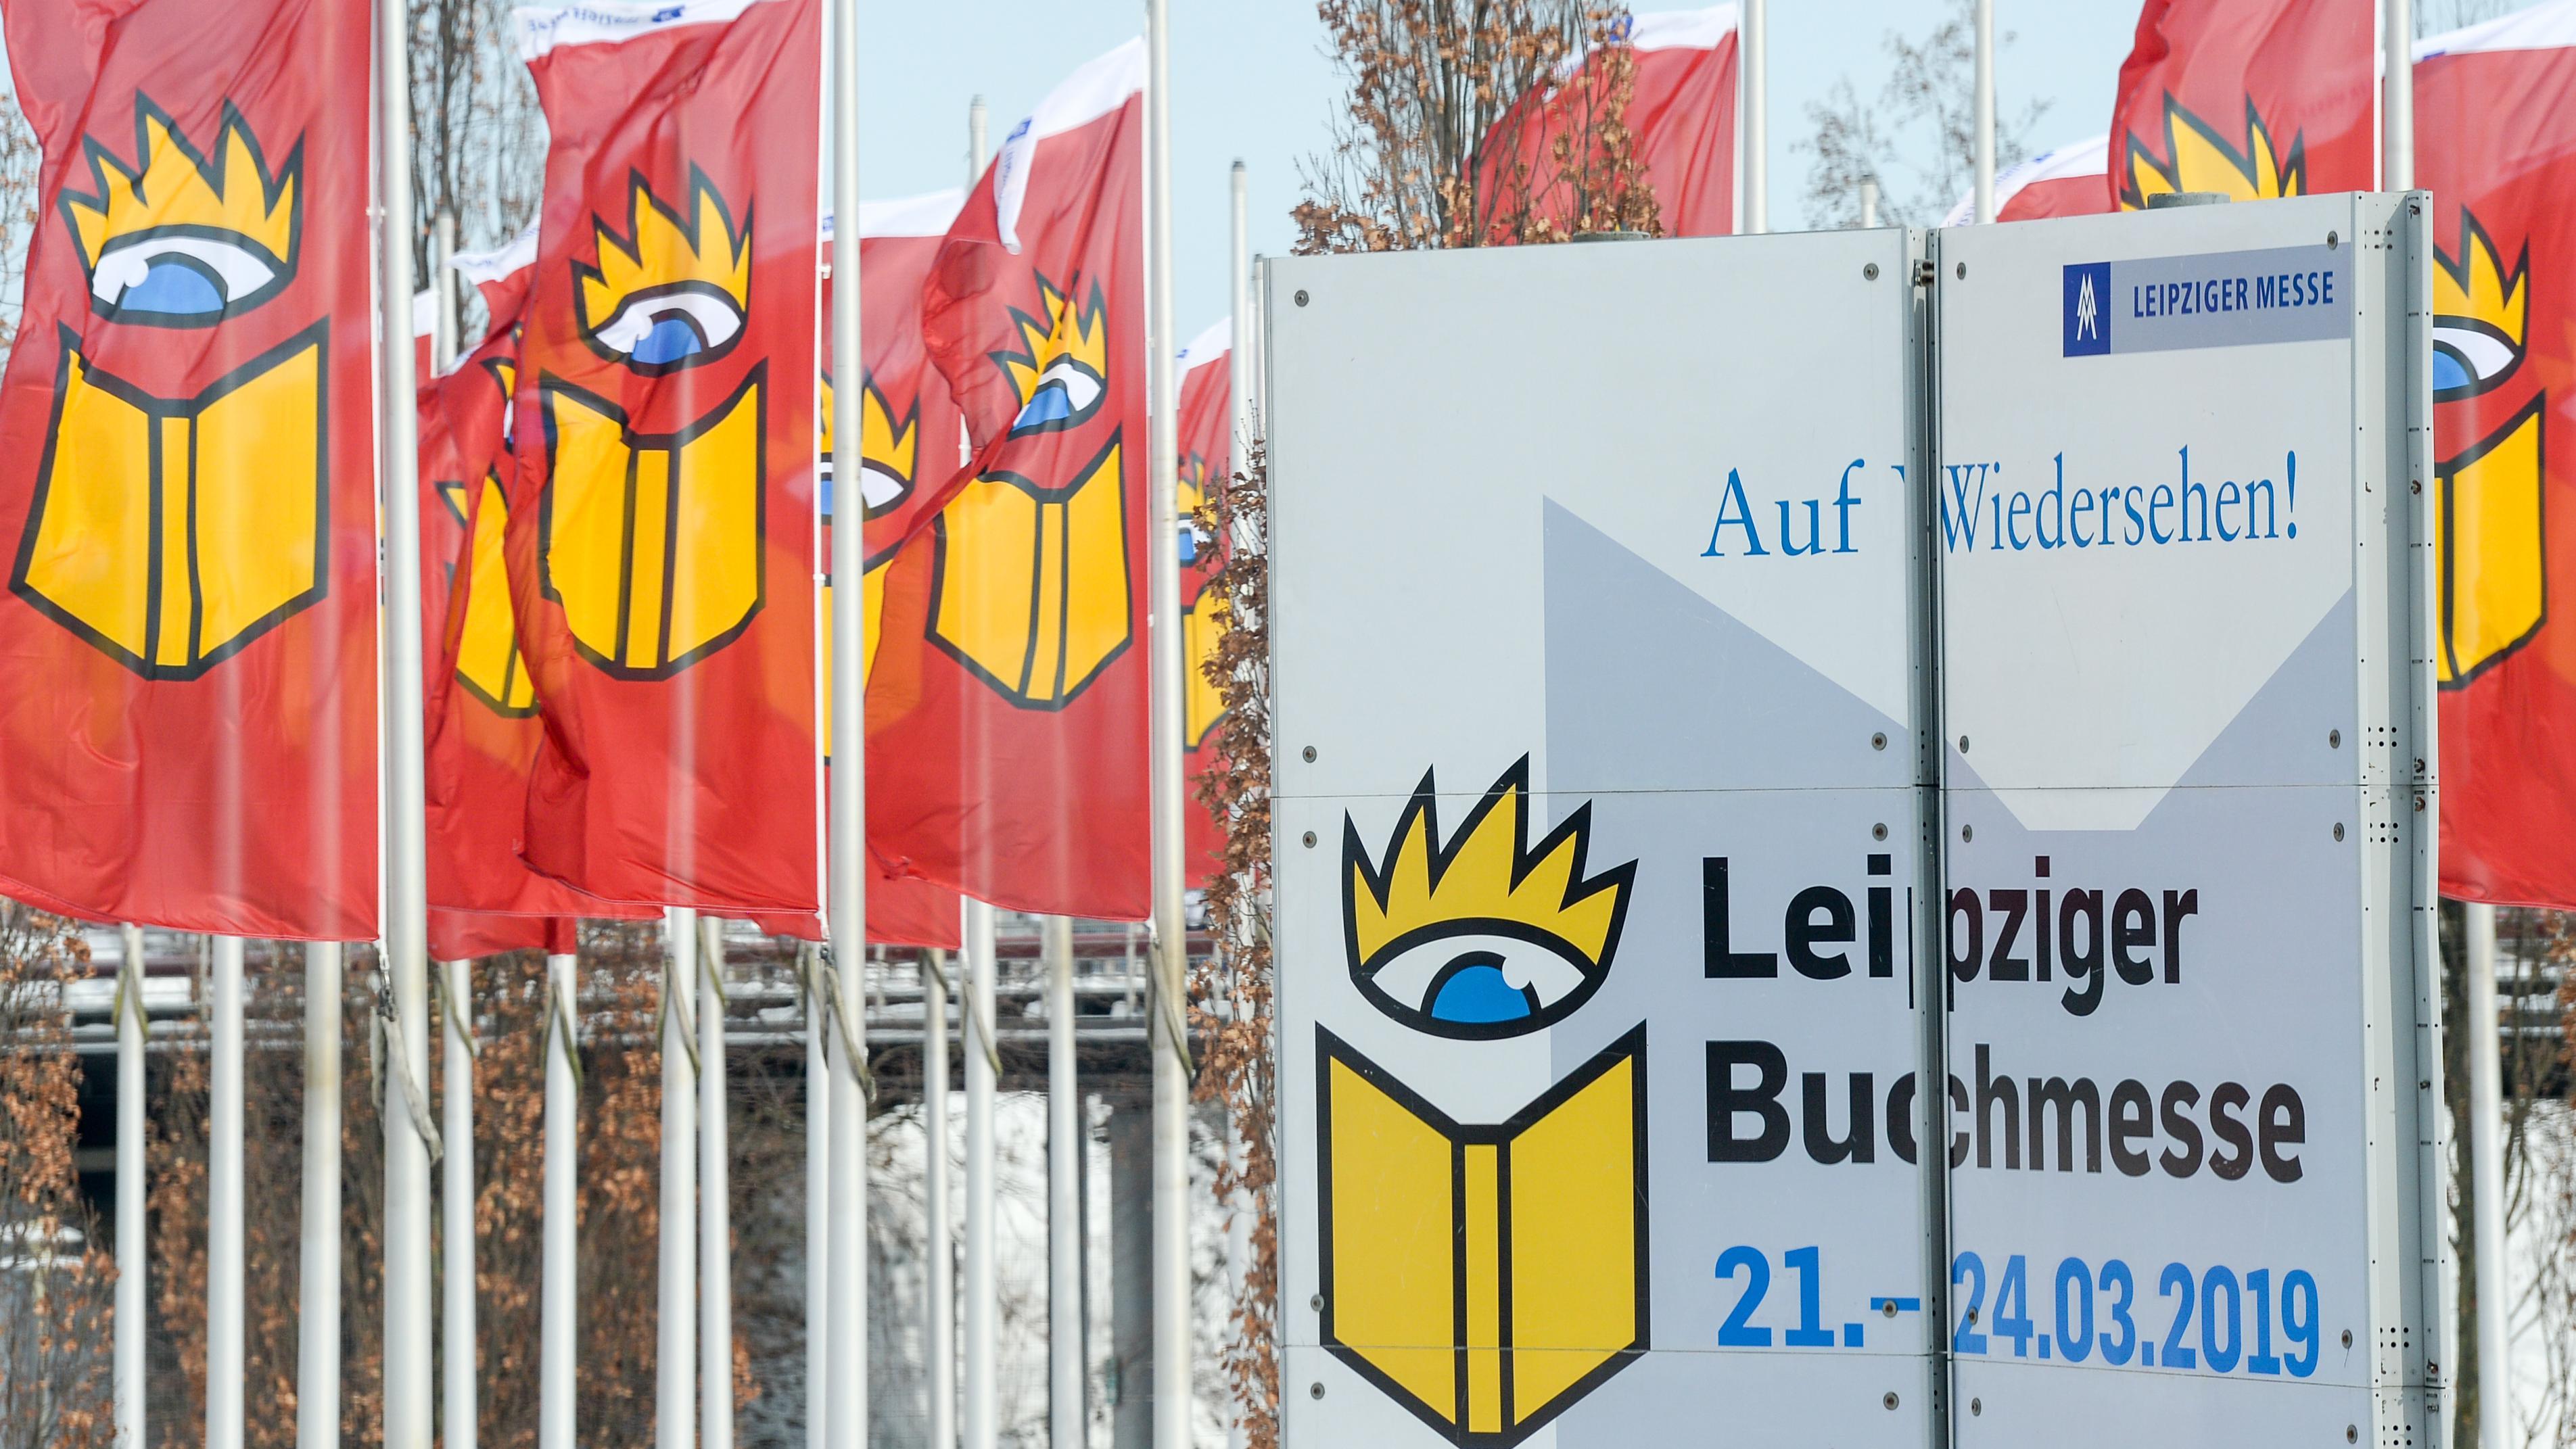 """Unter dem Titel """"Ahoj Leipzig!"""" präsentieren über 50 Autorinnen und Autoren aus Tschechien ihre Literatur. Kateřina Tučková gehört zur Delegation des Gastlandes."""